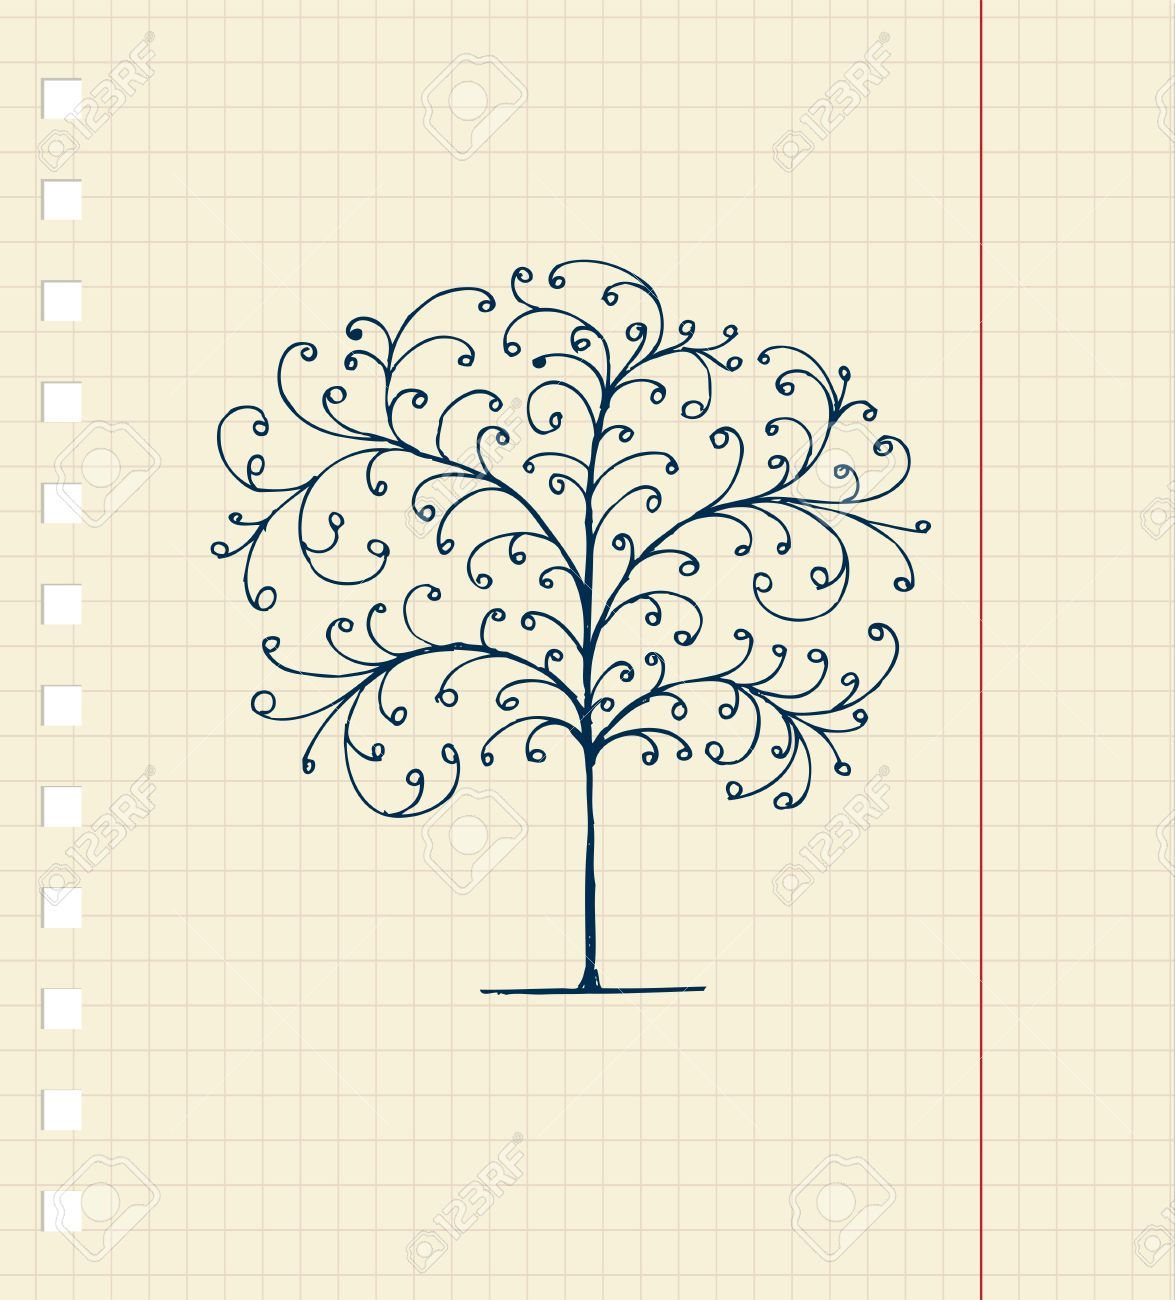 Decoraciones para cuadernos en las hojas buscar con for Decoraciones para hojas